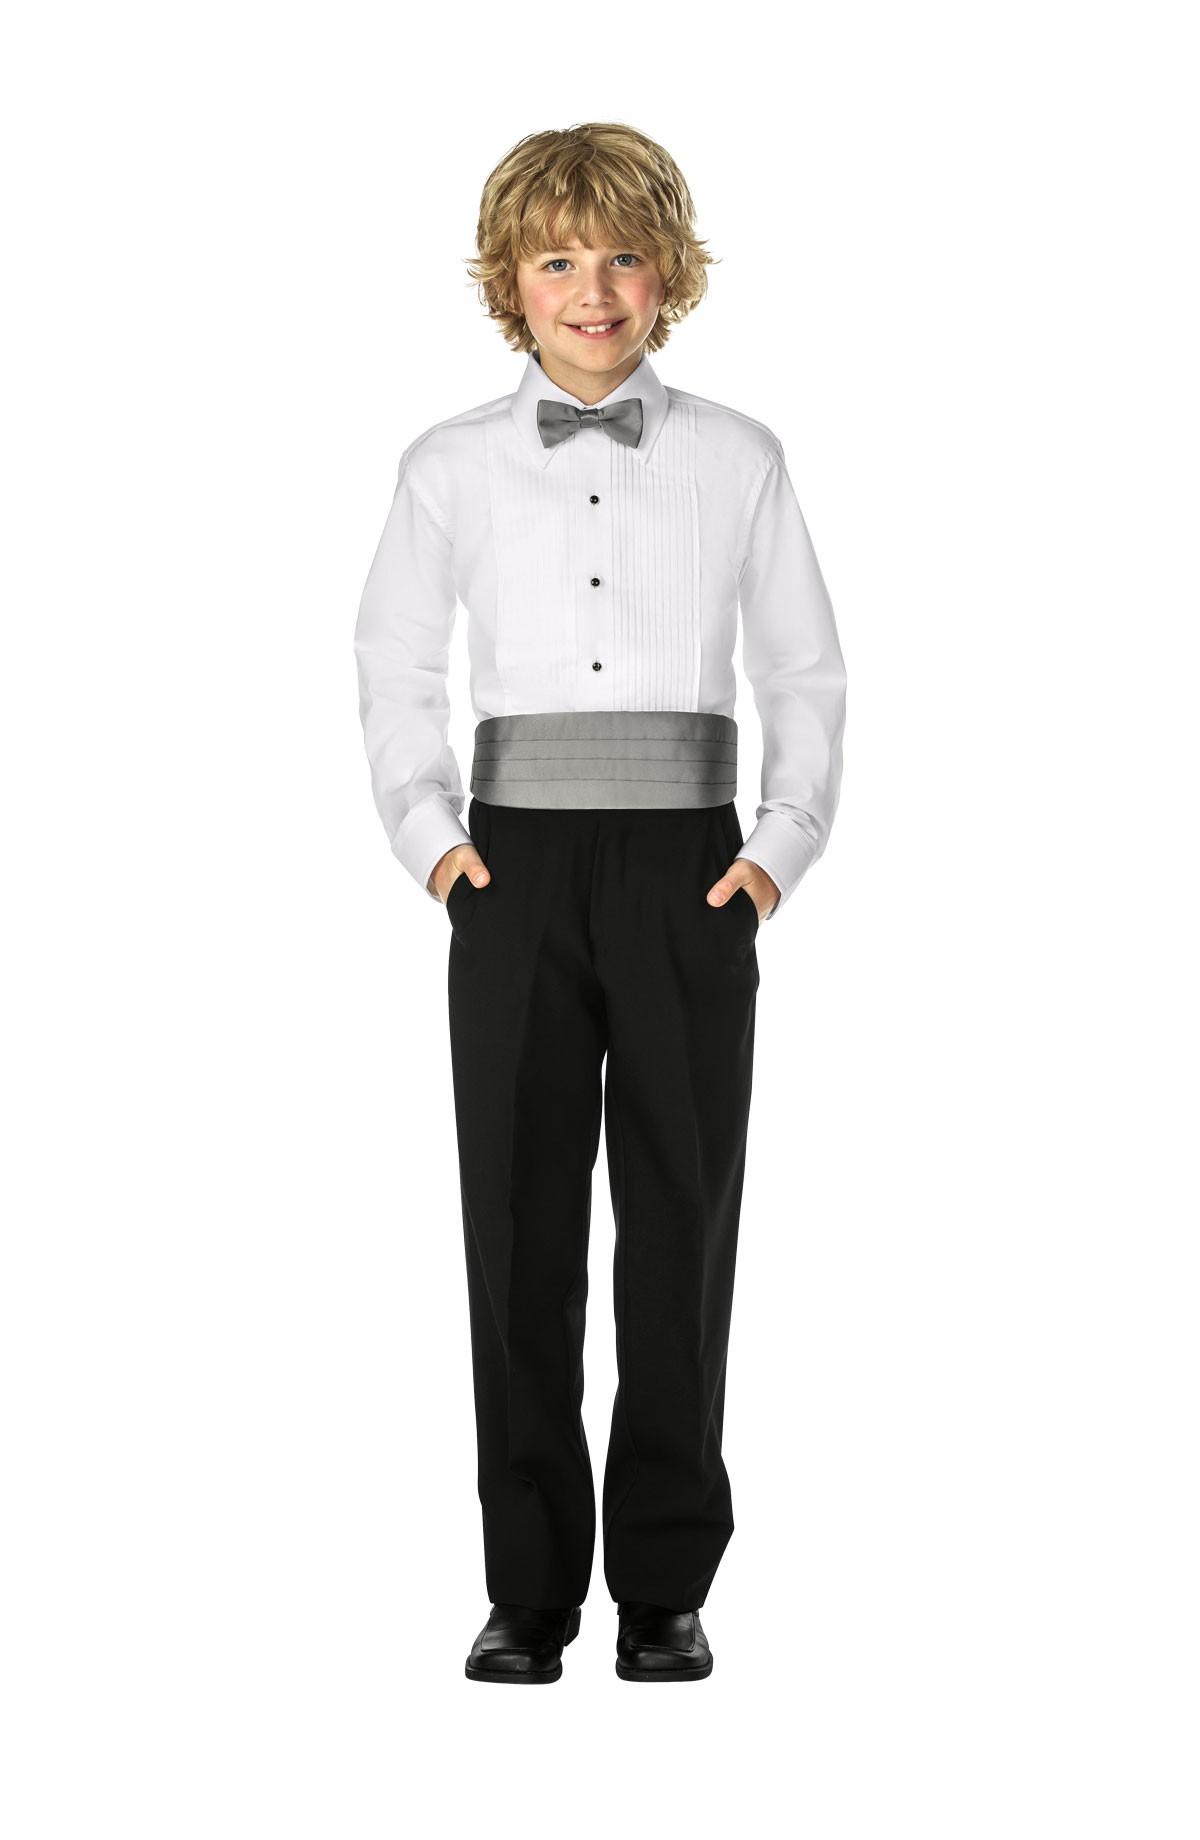 Children's Satin Bow Tie